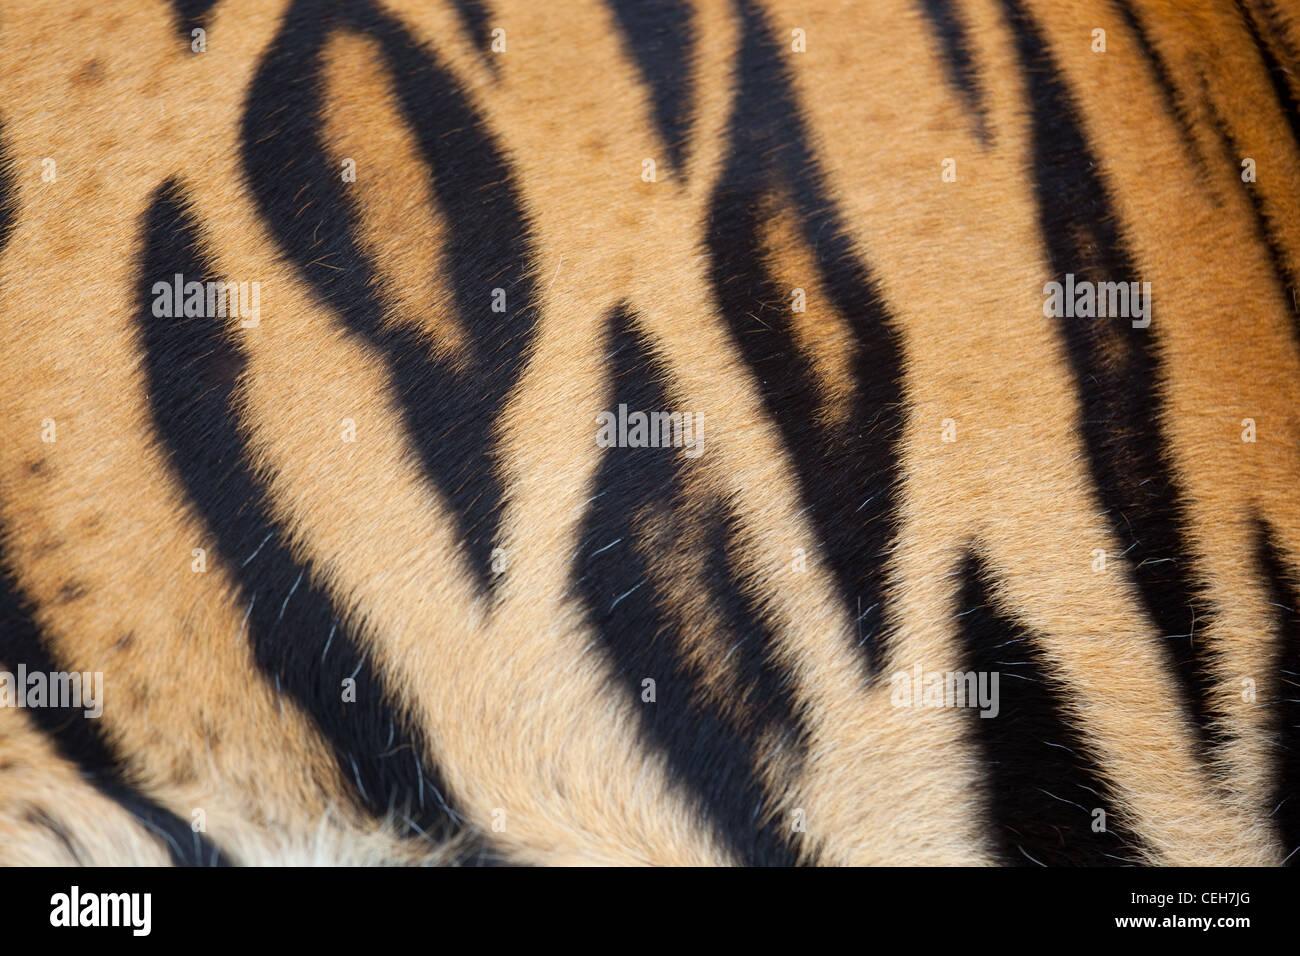 Bengal Tiger Panthera tigris tigris showing stripes - Stock Image